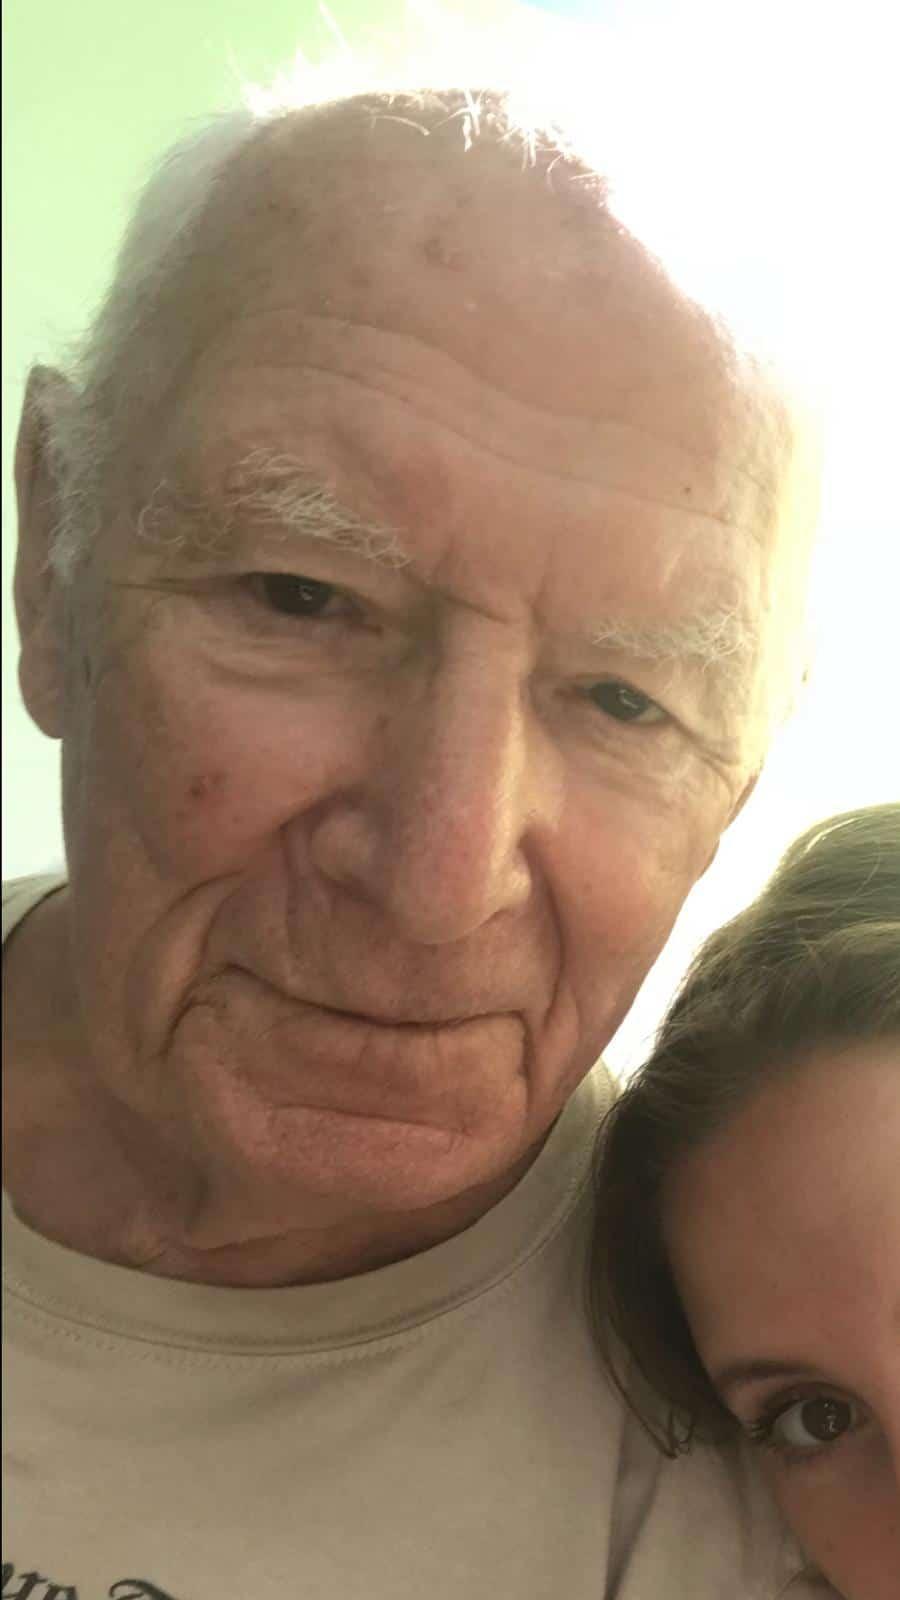 הנעדר מרמת גן: בן 85 מבוגר, לרוב חובש כובע מצחיה